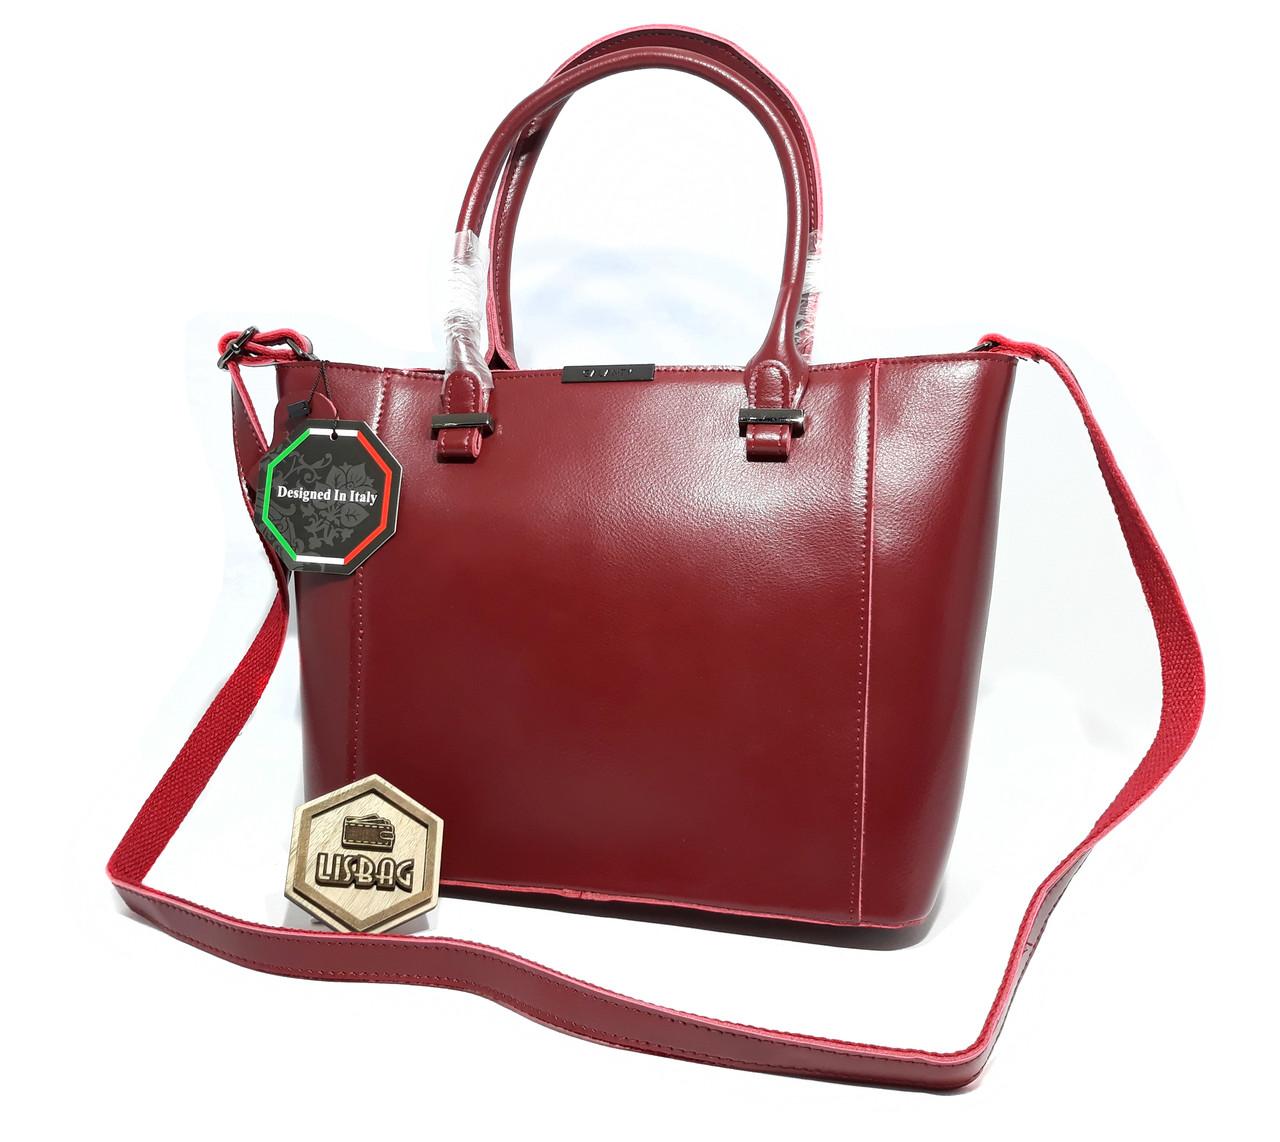 2fdc8dac2841 Большая Бордовая сумка из натуральной кожи Galanty для повседневной носки,  2018 - Интернет магазин Lisbag